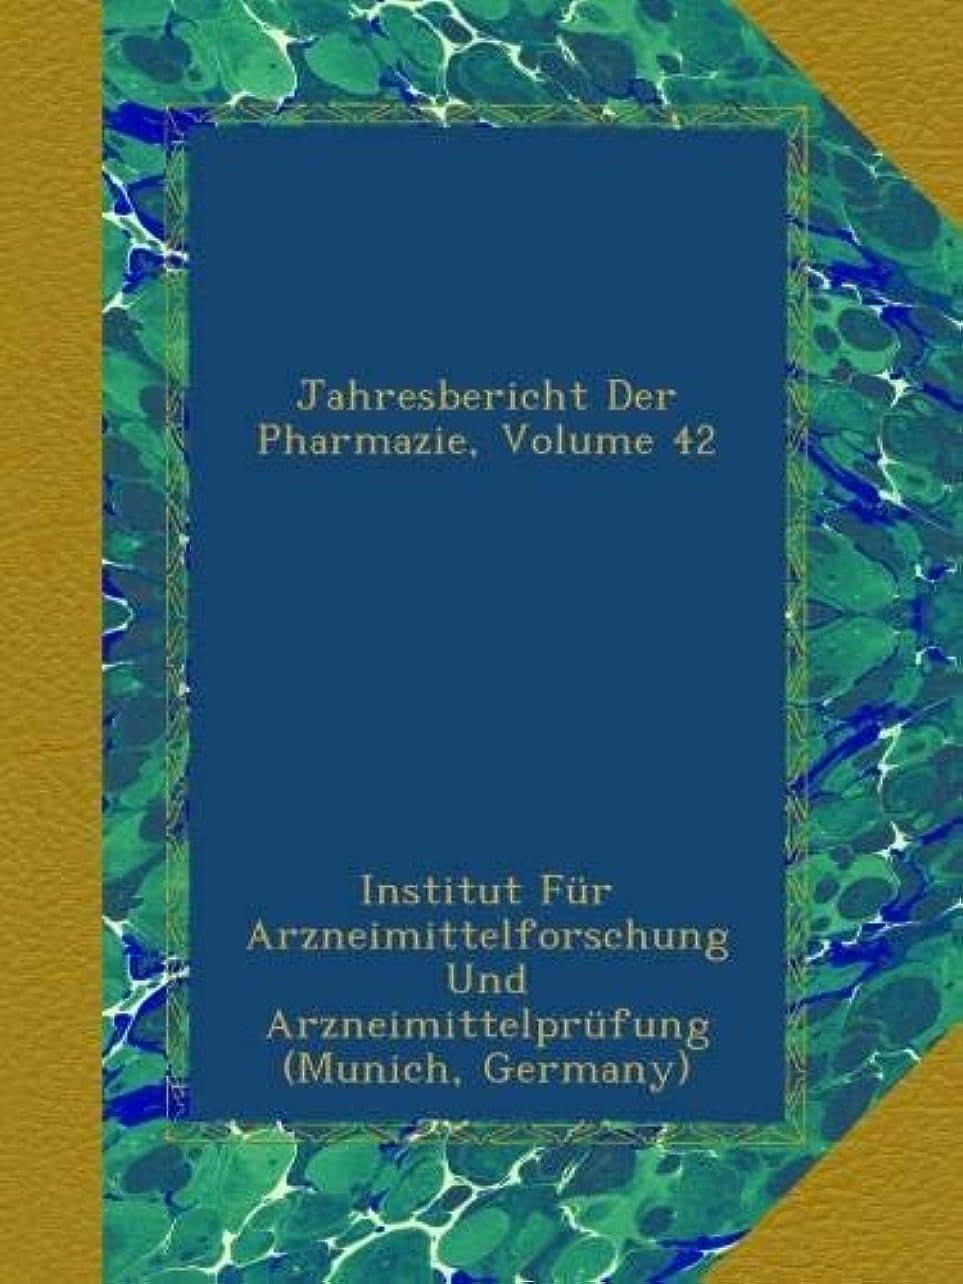 絡み合いヘリコプター笑いJahresbericht Der Pharmazie, Volume 42